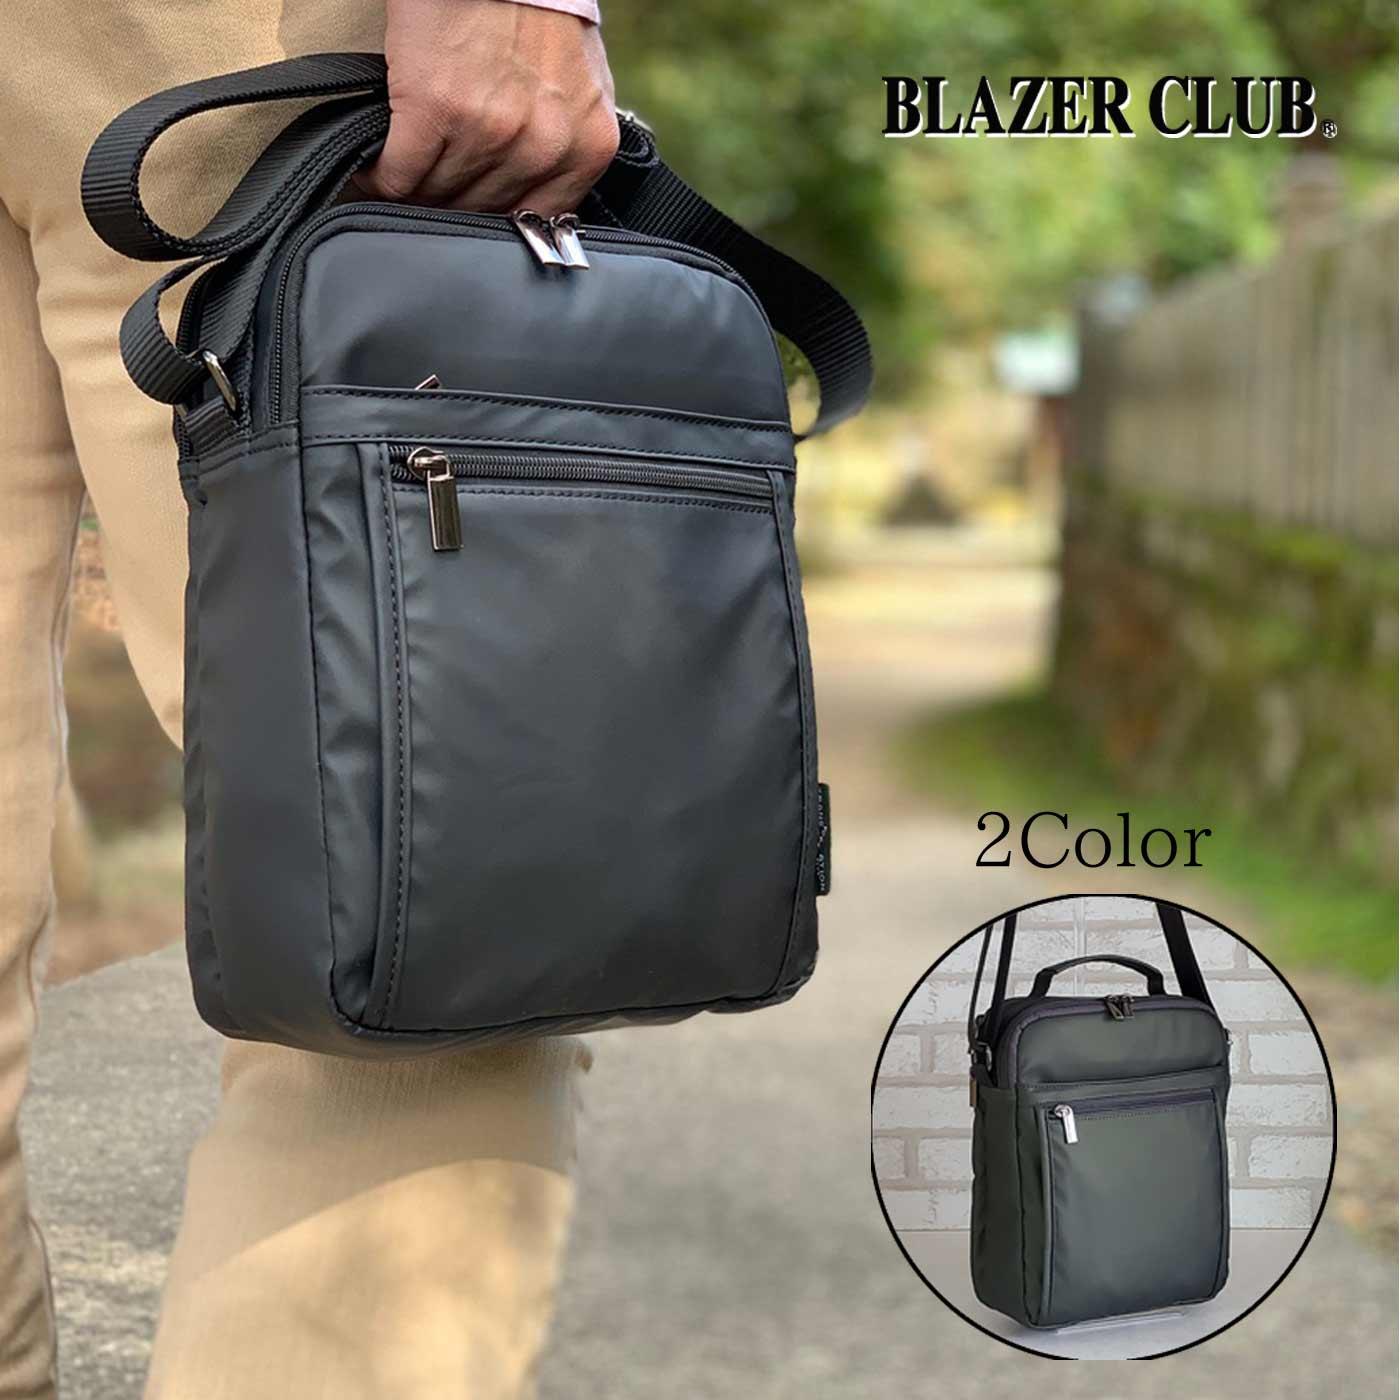 縦型ショルダーバッグ カジュアルバッグ メンズ B5 2室 軽い 斜めがけ ナイロン 街持ち 普段使い 旅行 レジャー 黒 カーキ KBN33754 ブレザークラブ BLAZER CLUB